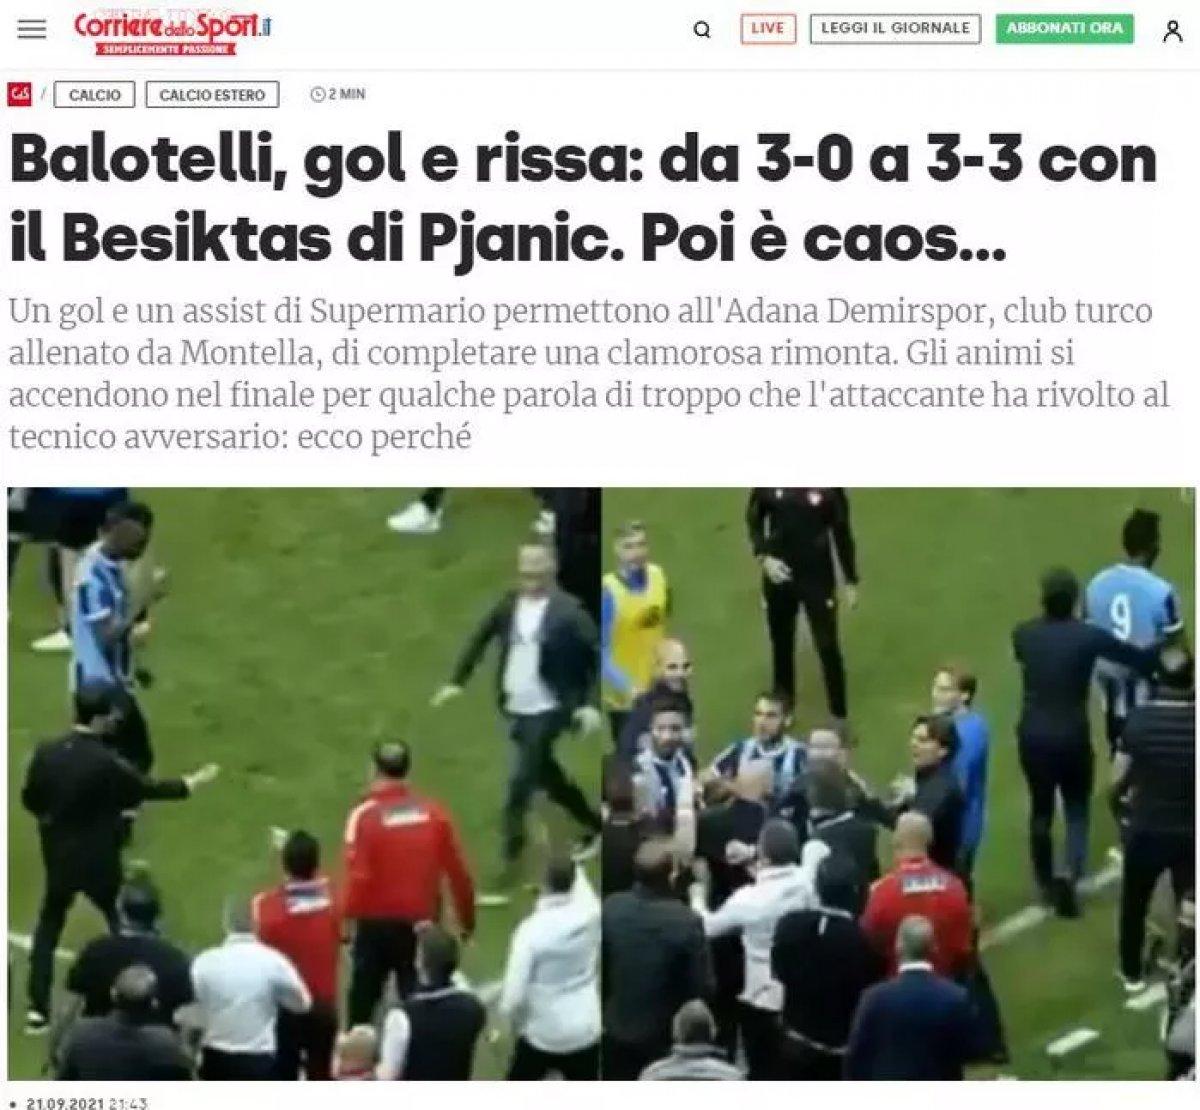 Balotelli nin yaptığı hareket dünya basınında manşet oldu #2